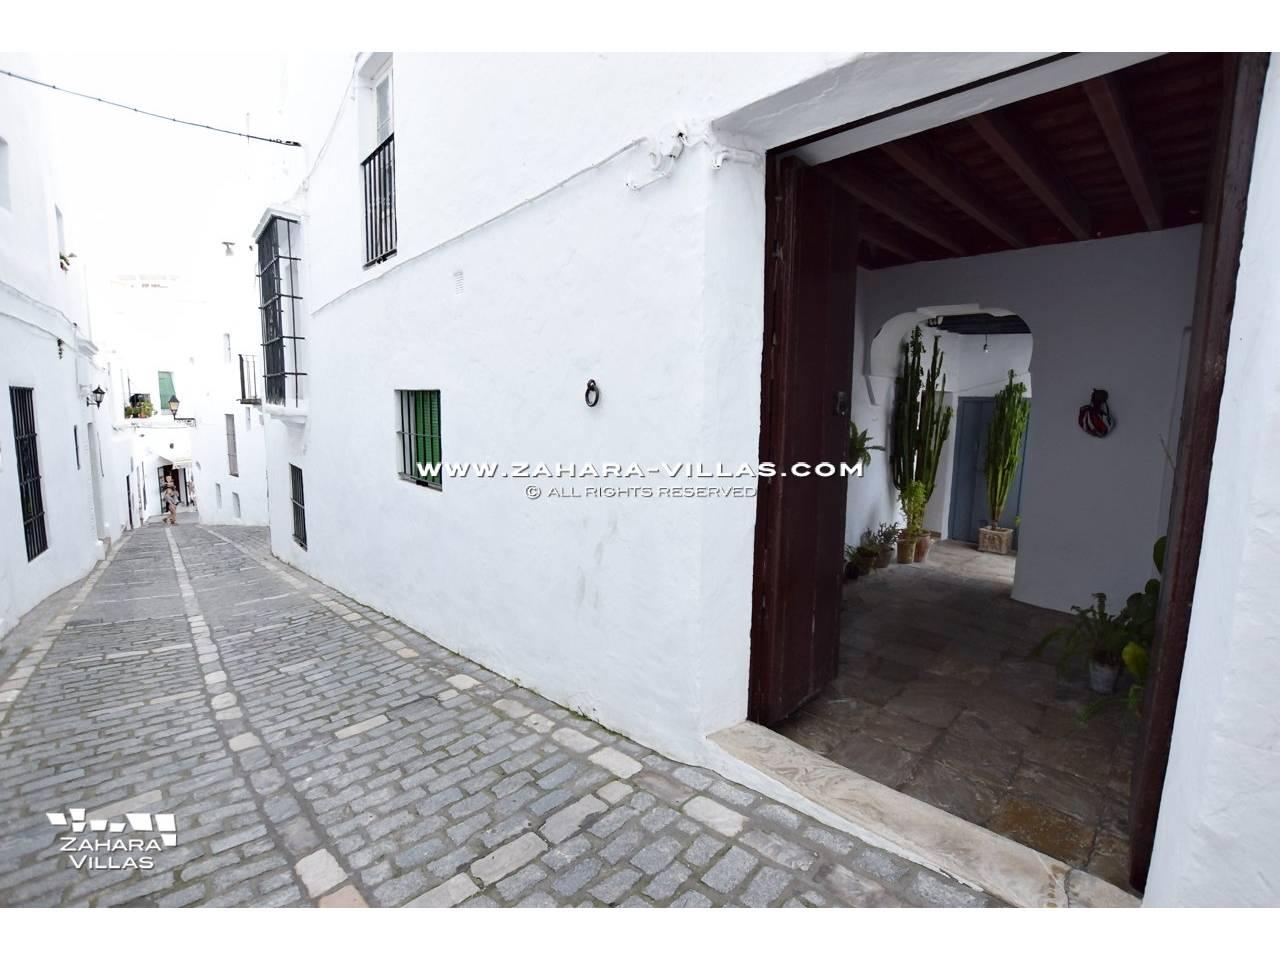 Imagen 19 de Historic buildings for sale in Vejer de la Frontera are sold